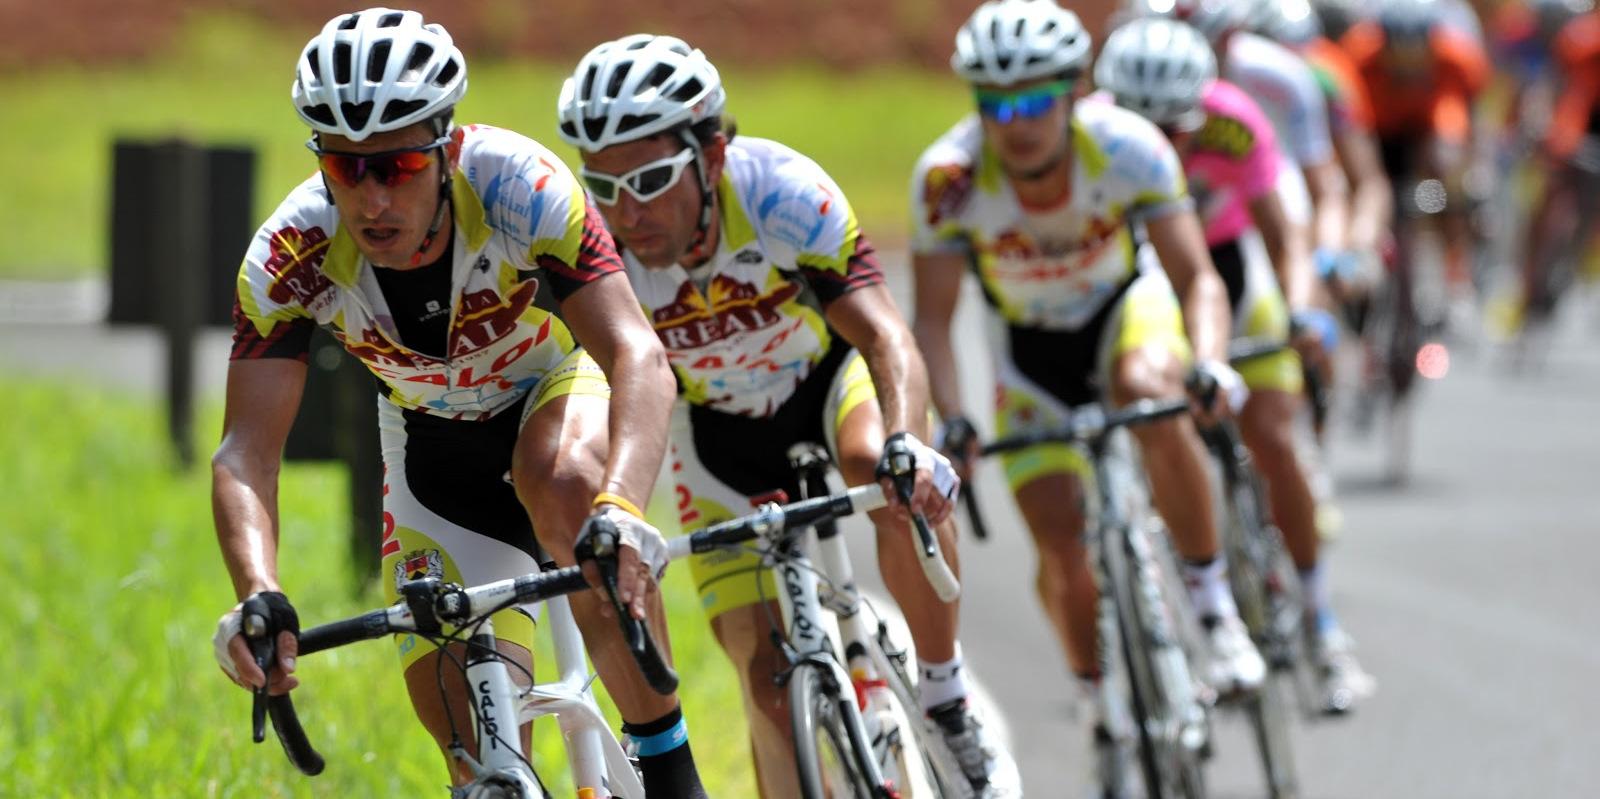 La Vuelta Ciclista pasará por Colonia!